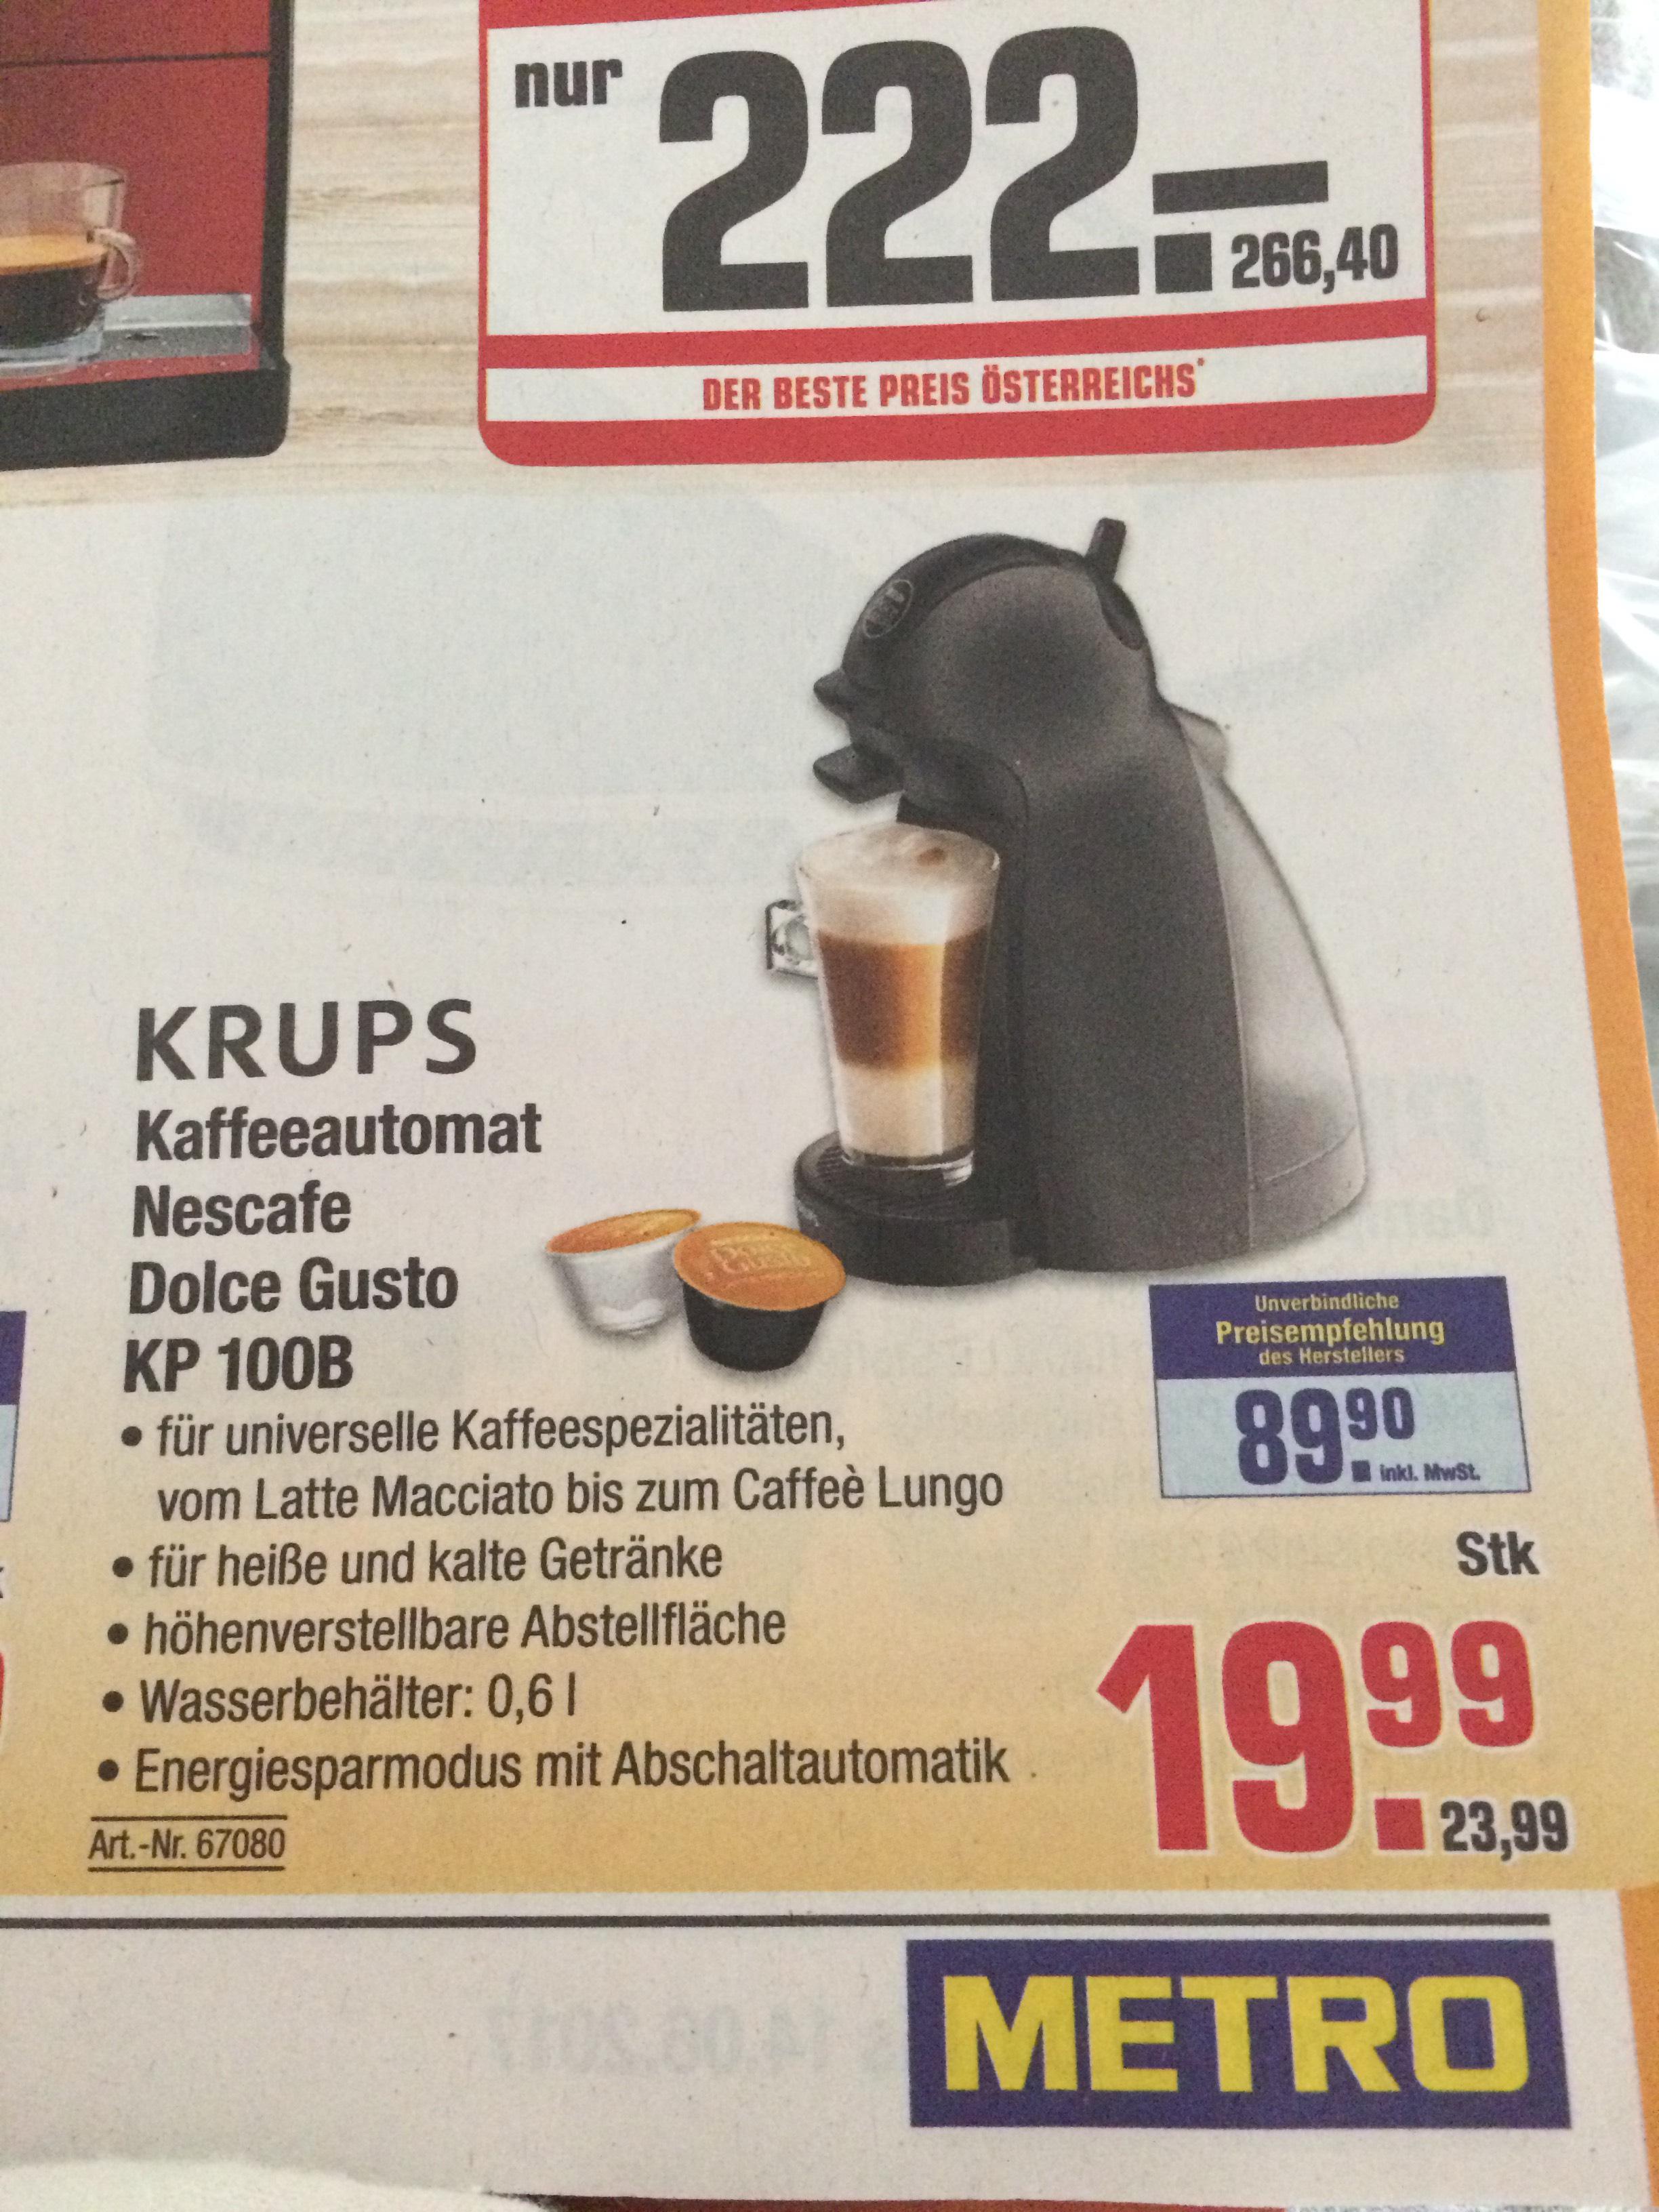 Krups Kaffeeautomat KP 100B - Metro